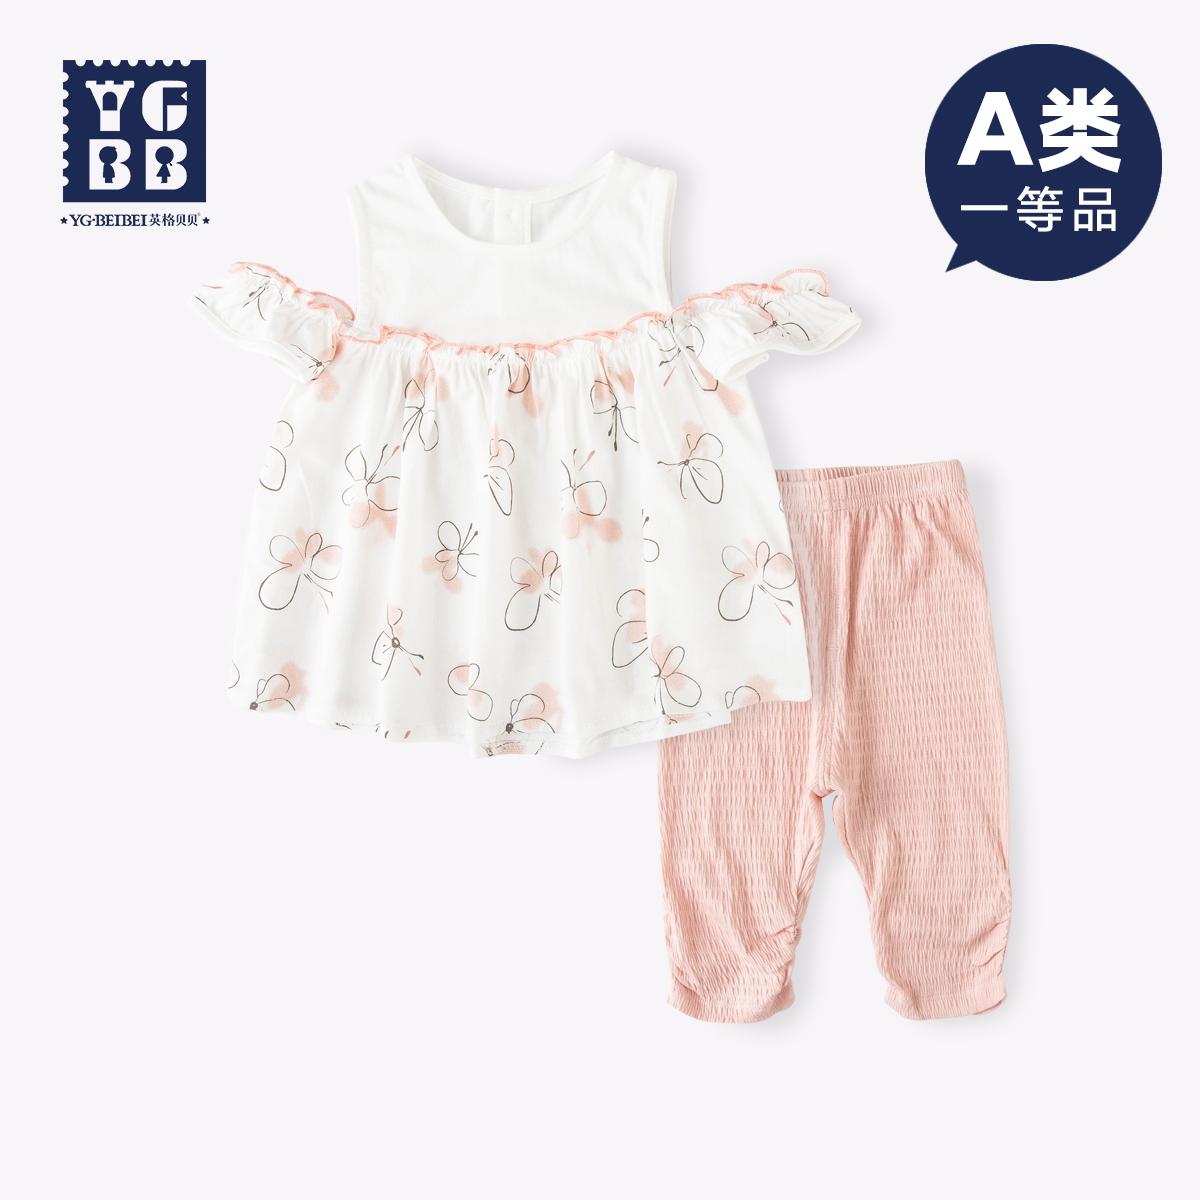 Одежда для младенцев Артикул 595811467340